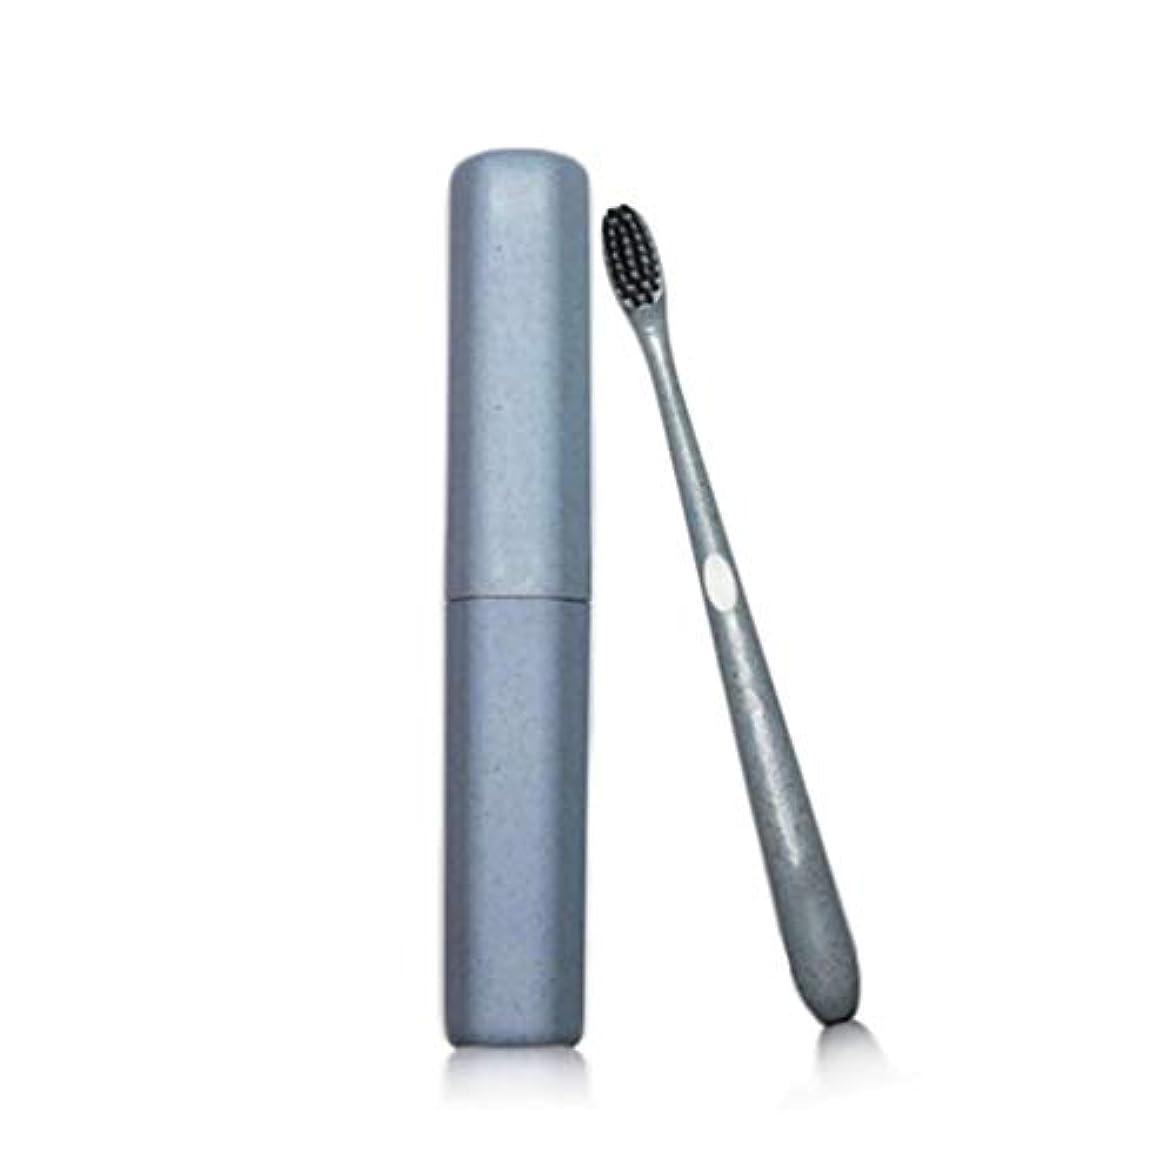 歯ブラシ大人のチューブ歯ブラシ特別なソフト竹炭ワイヤーカップル小さな頭の歯ブラシカスタムトラベル小麦麦わらの歯ブラシ (色 : 青, サイズ さいず : 40pcs)